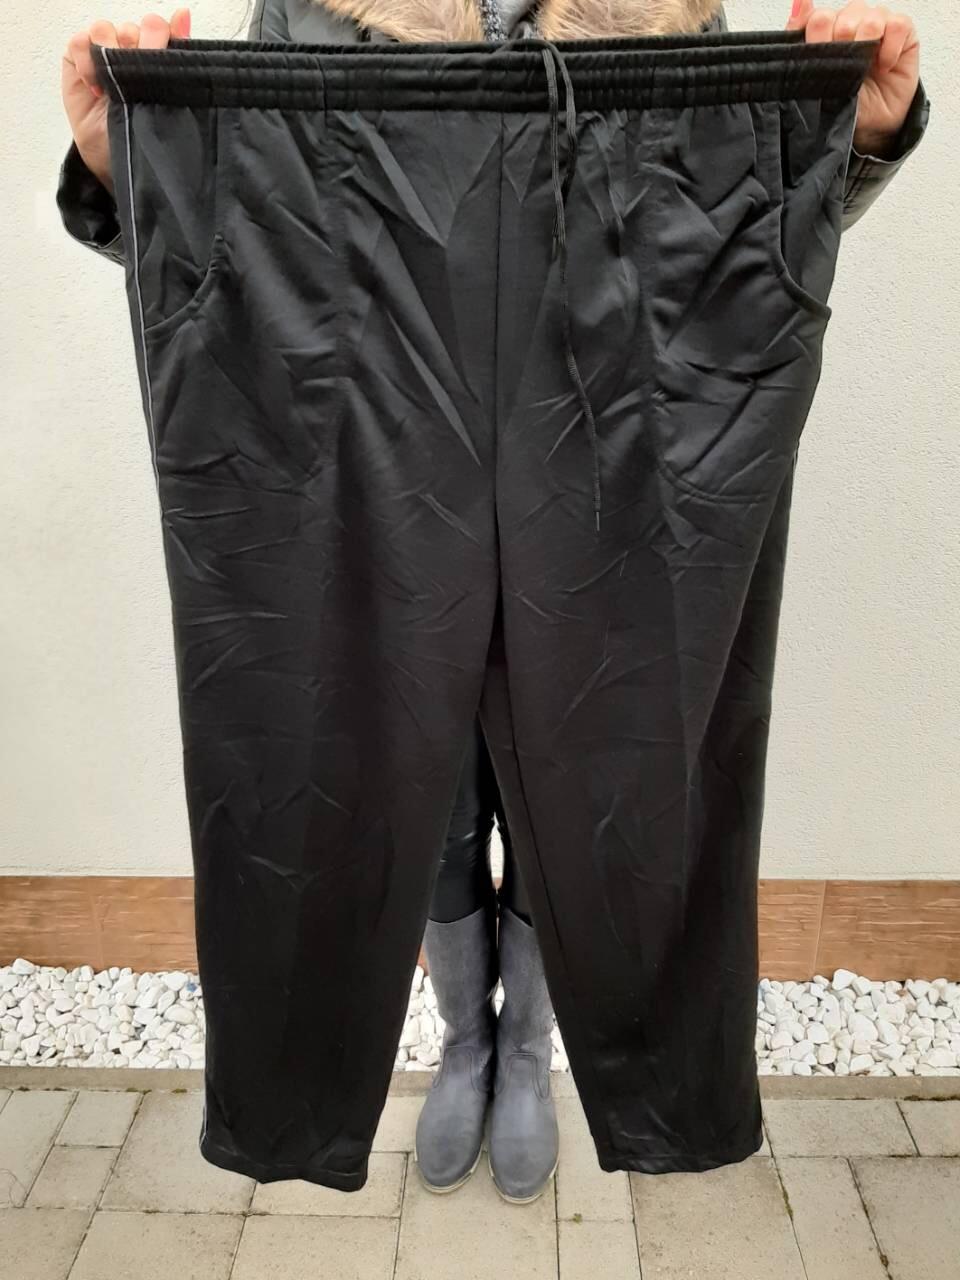 acef9cbd22281 Pánske oblečenie | Pánske tepláky väčšie veľkosti | MackaModa.sk